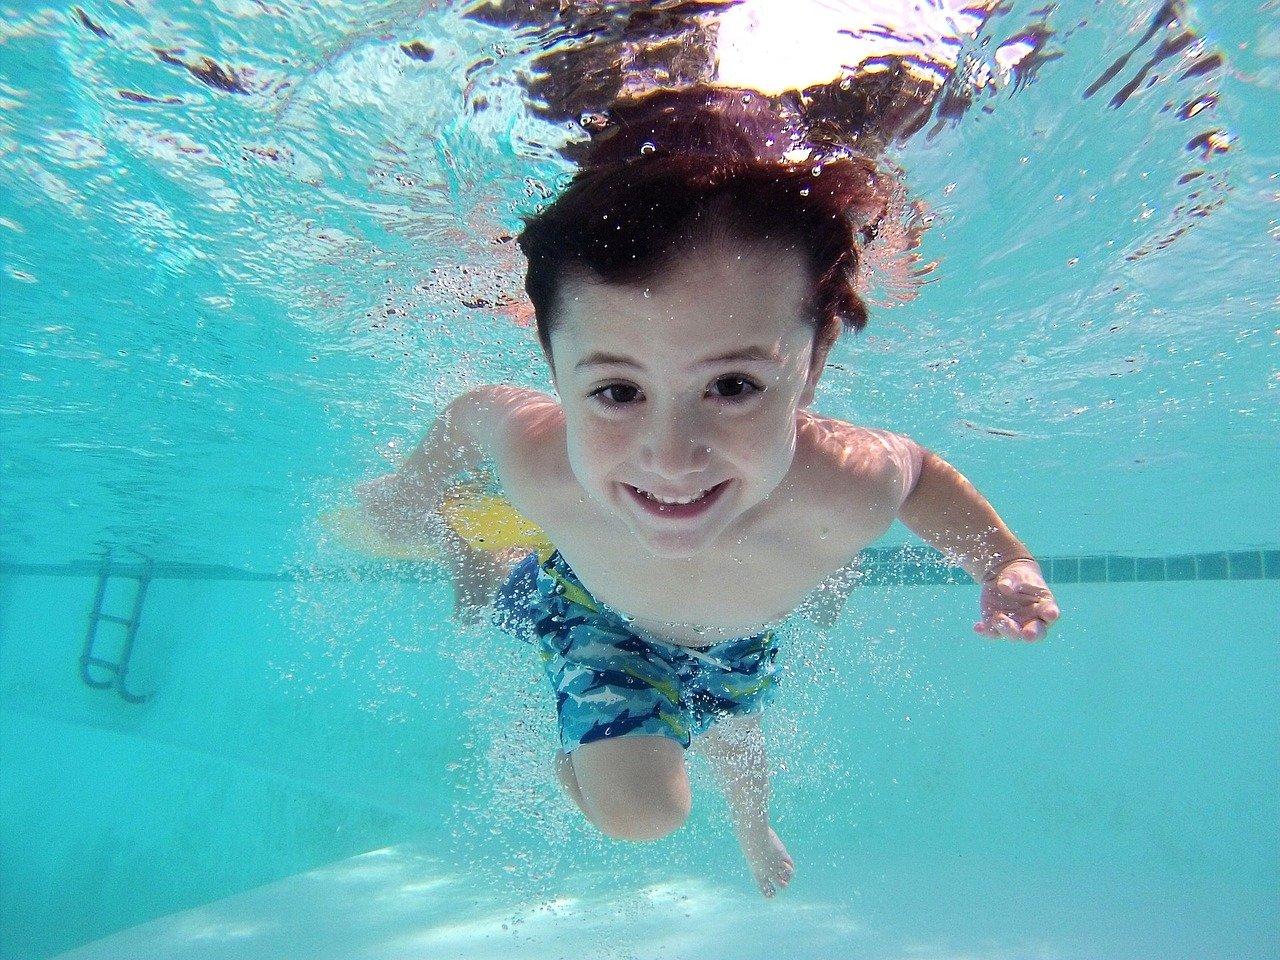 Enfant heureux dans une piscine